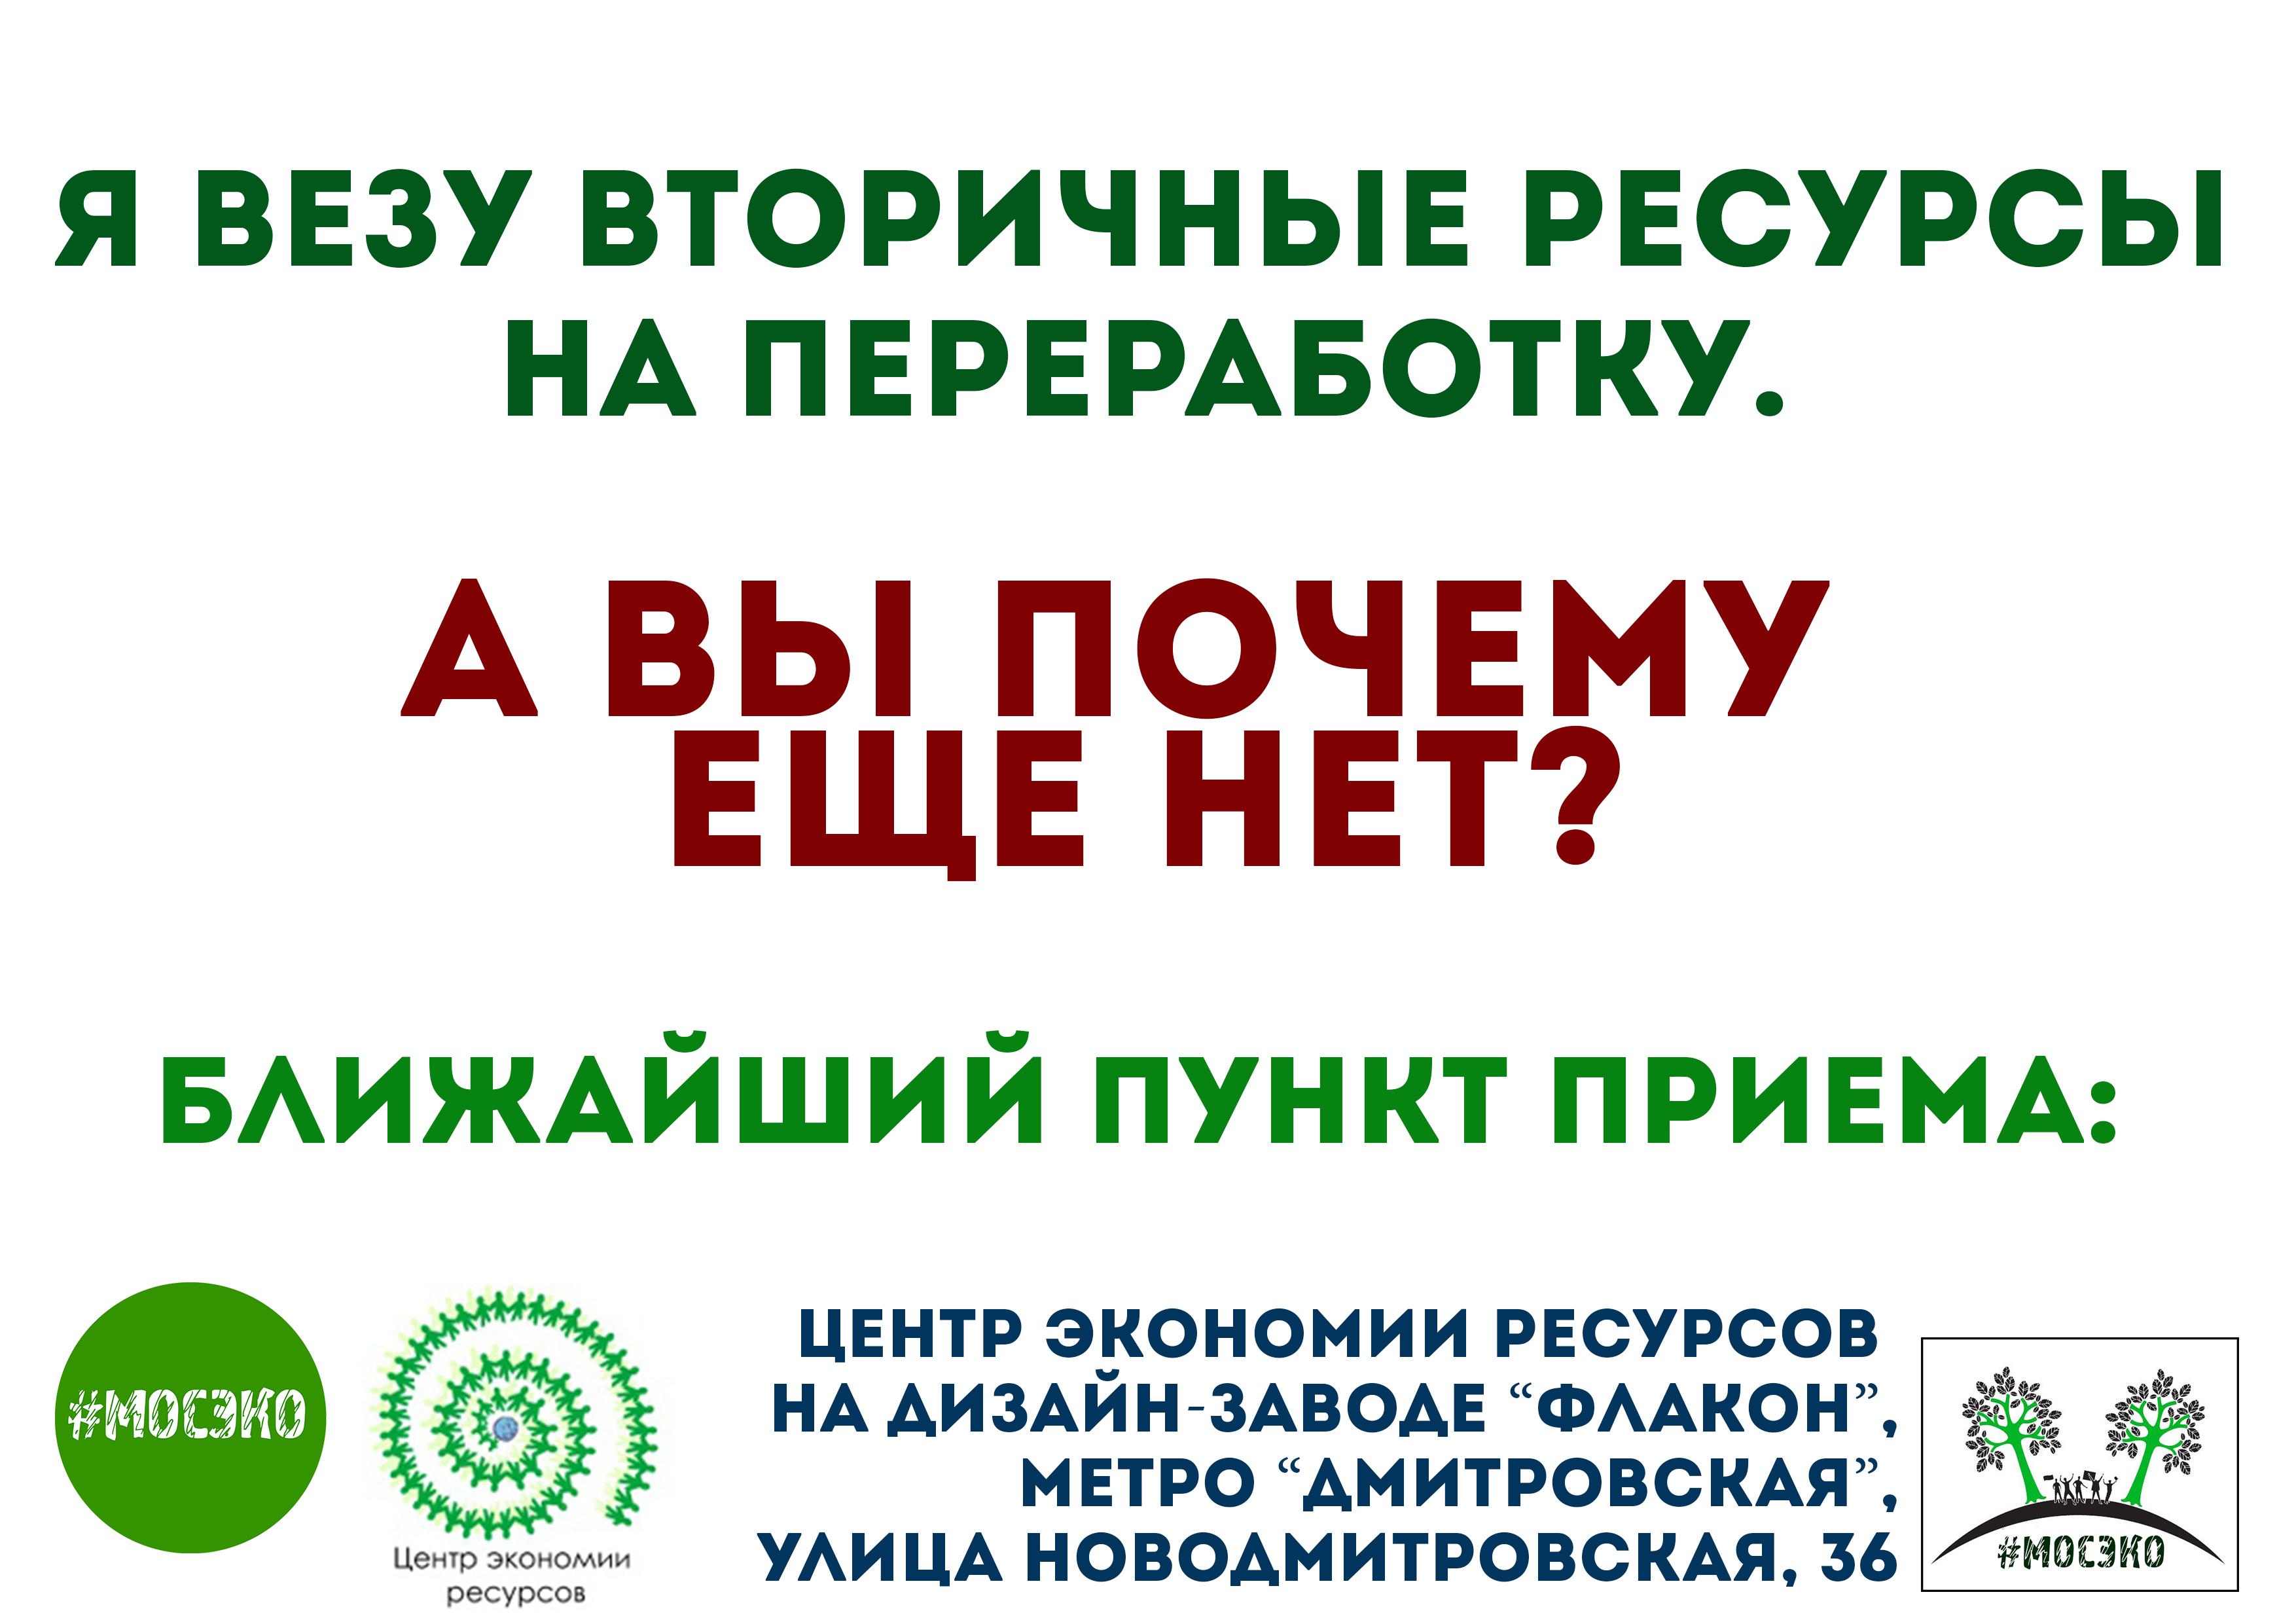 Slogans2_full_flakon